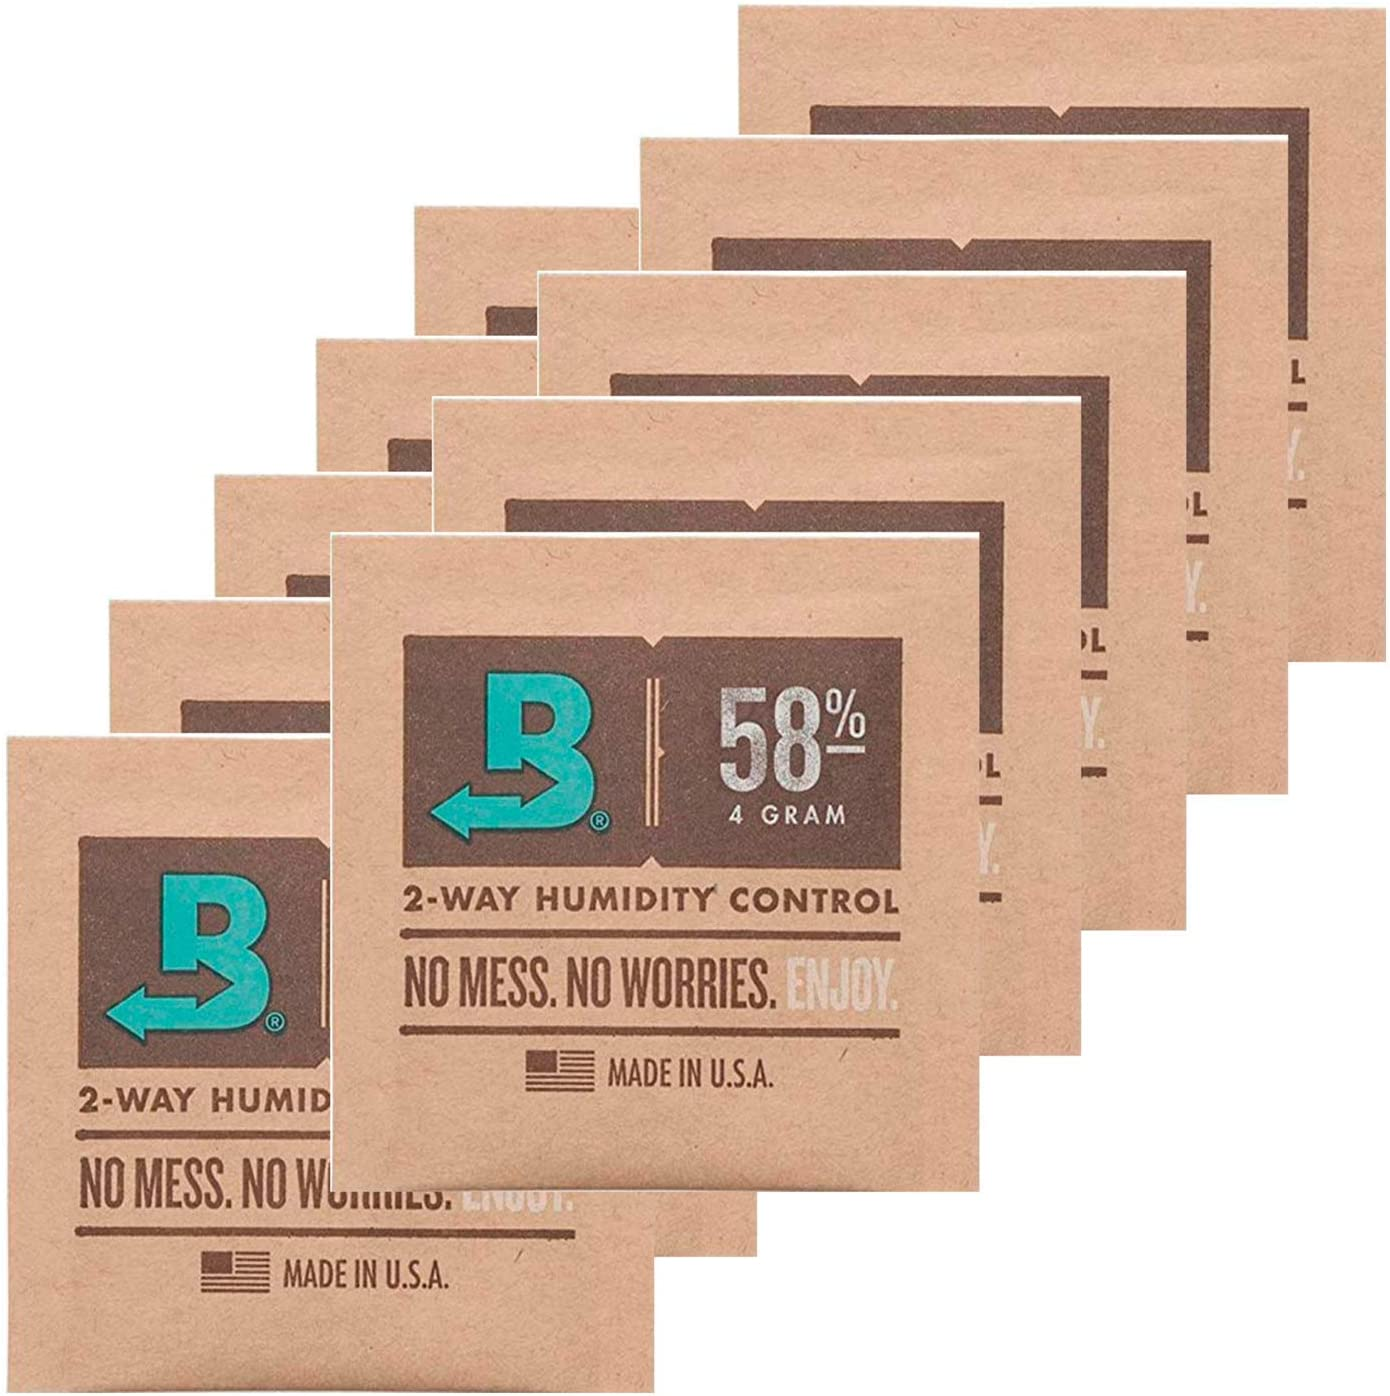 Boveda Humidipak - Humidipak (10 unidades, 58% de 2 vías, 4 g, incluye funda)